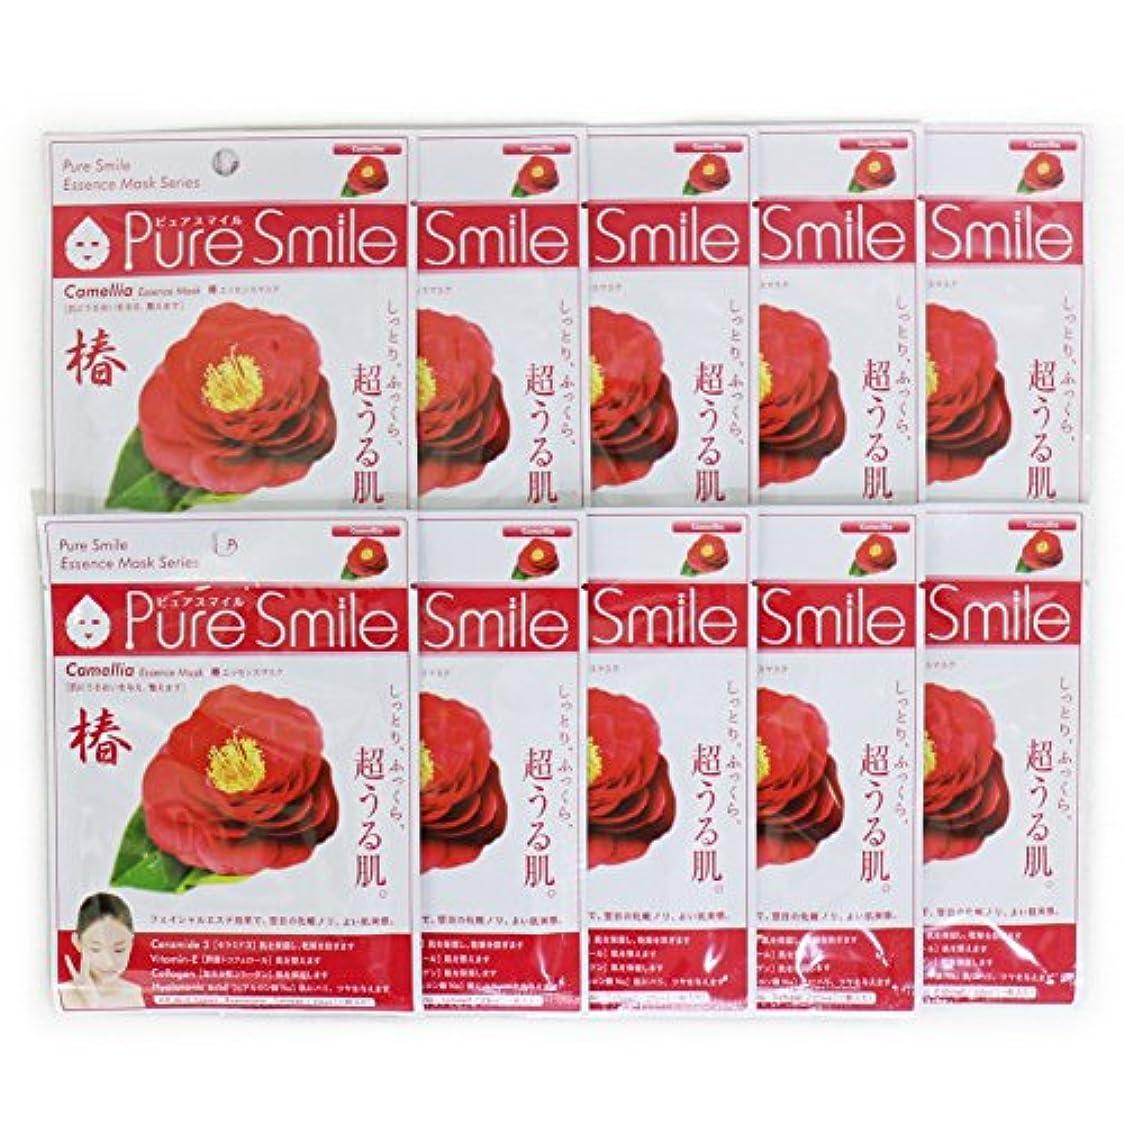 Pure Smile ピュアスマイル エッセンスマスク 椿 10枚セット